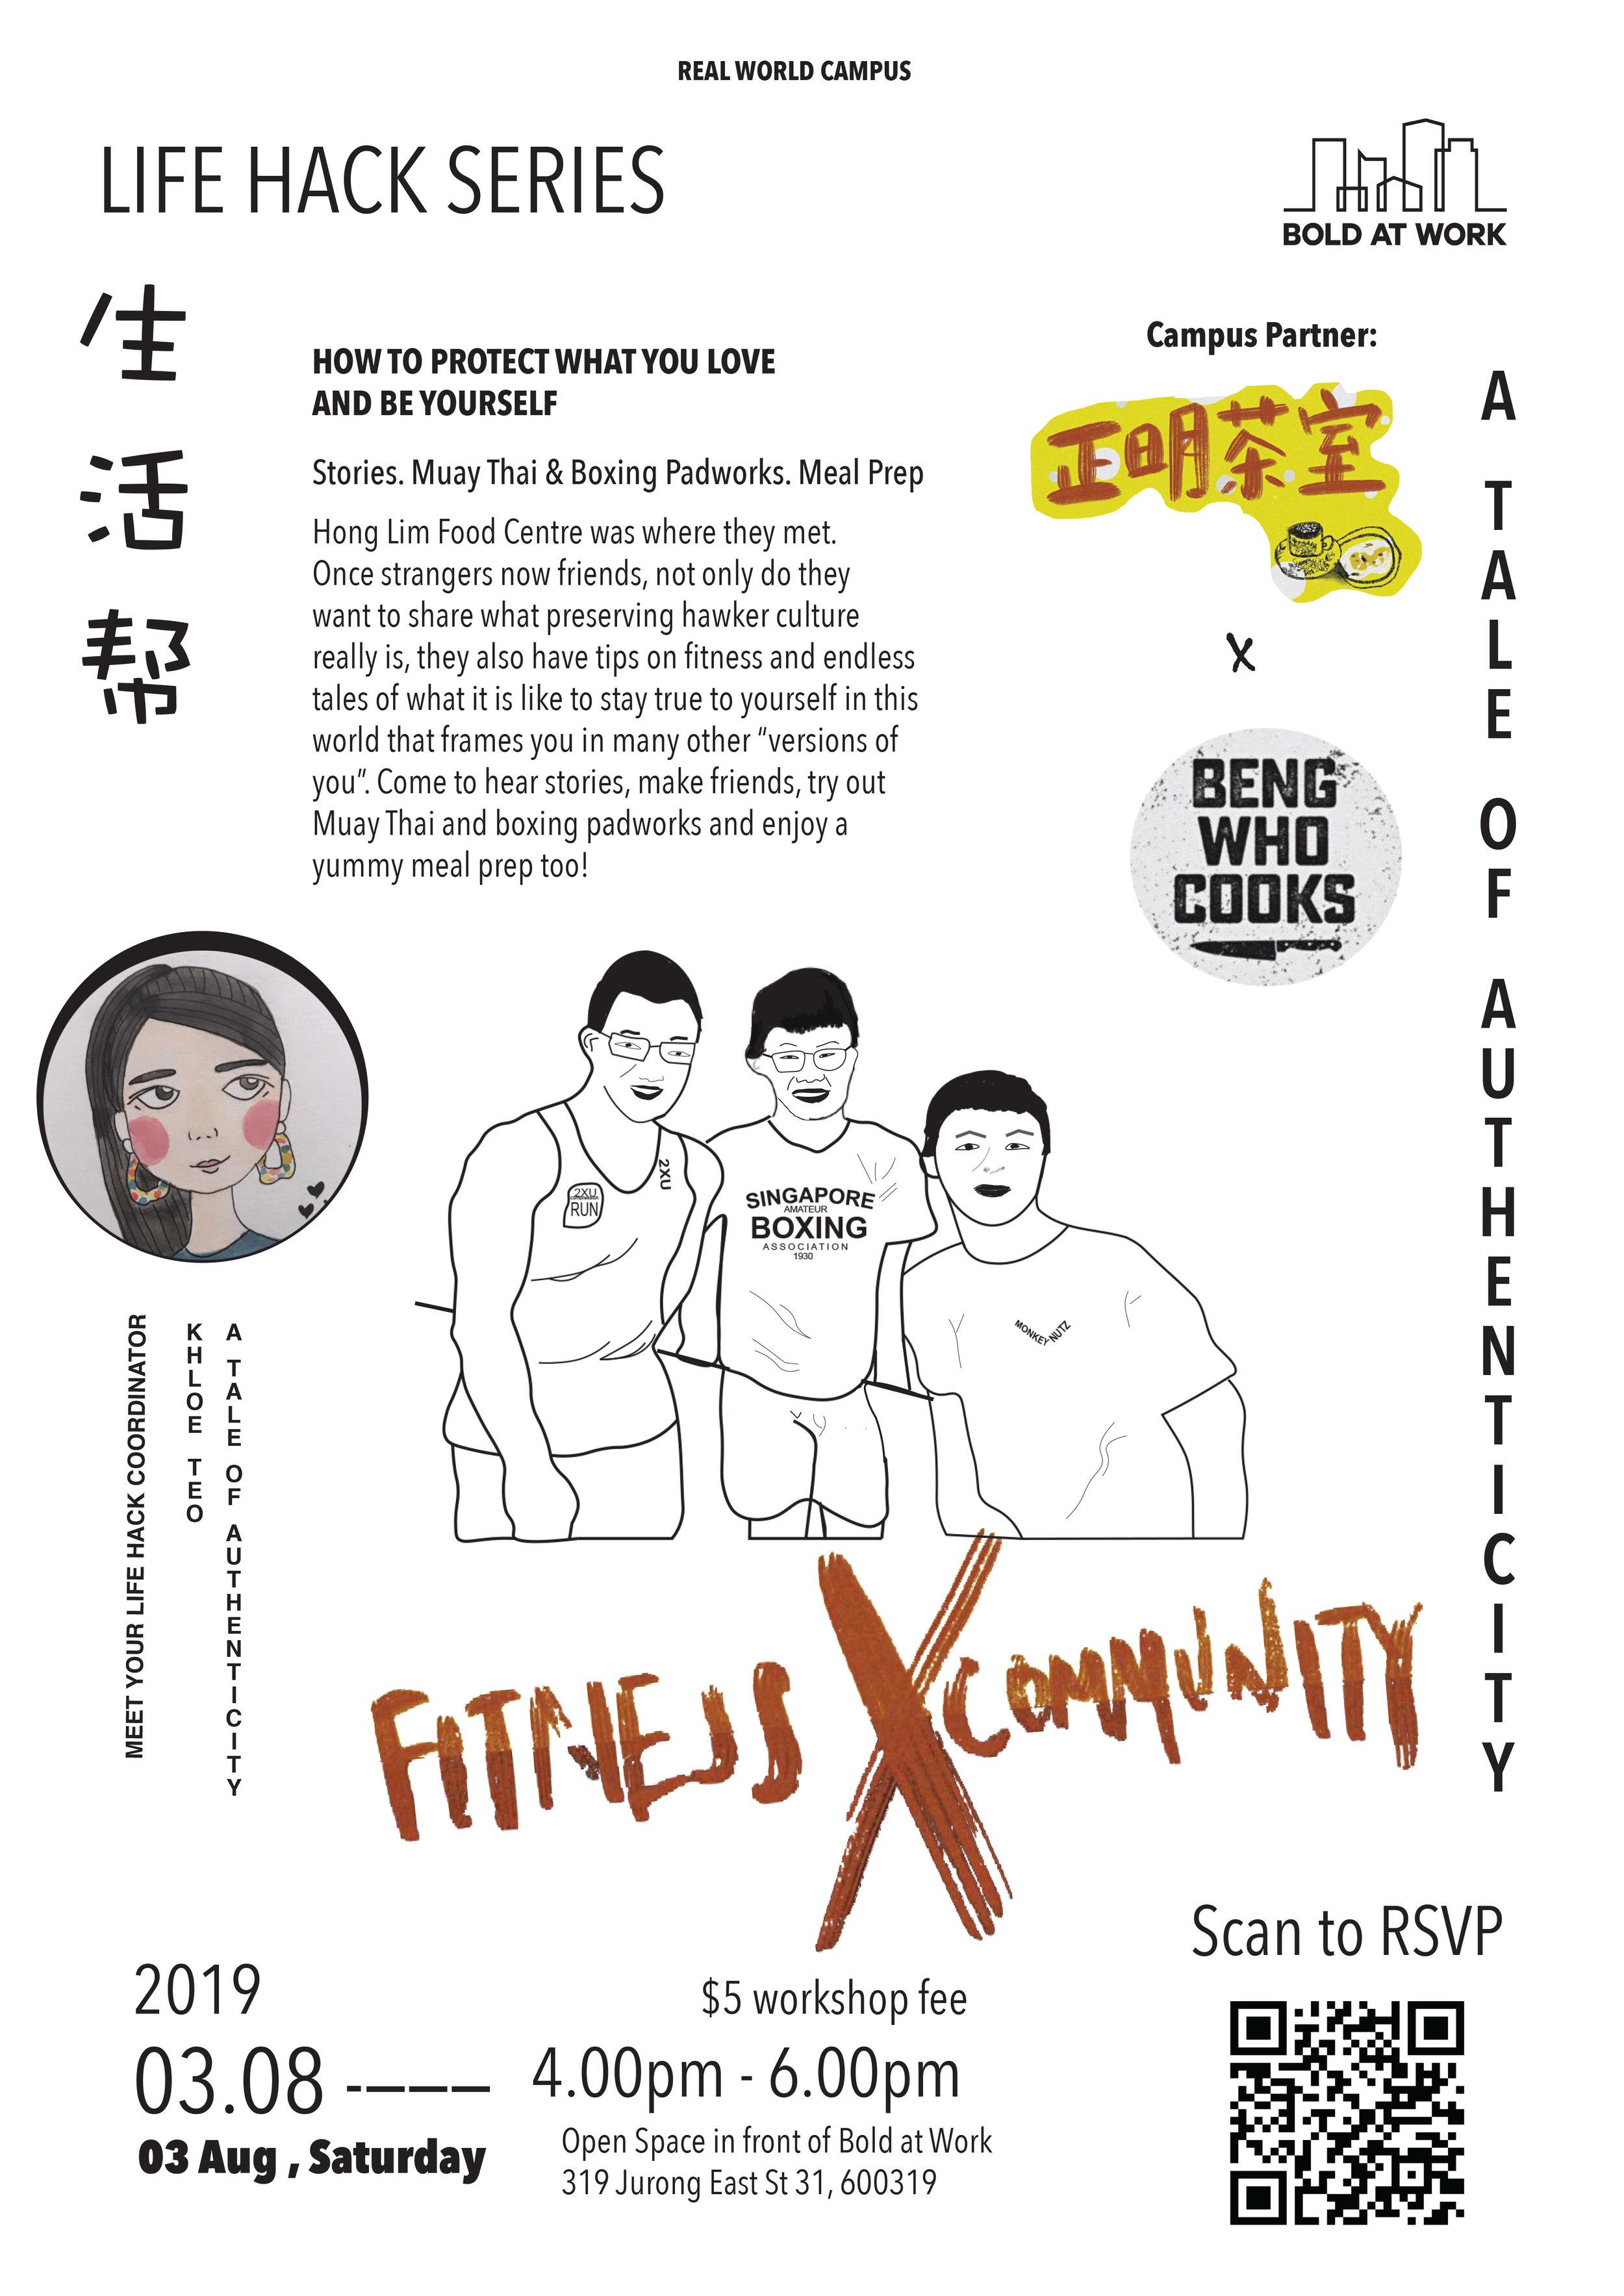 FitnessXCommunity3.jpg